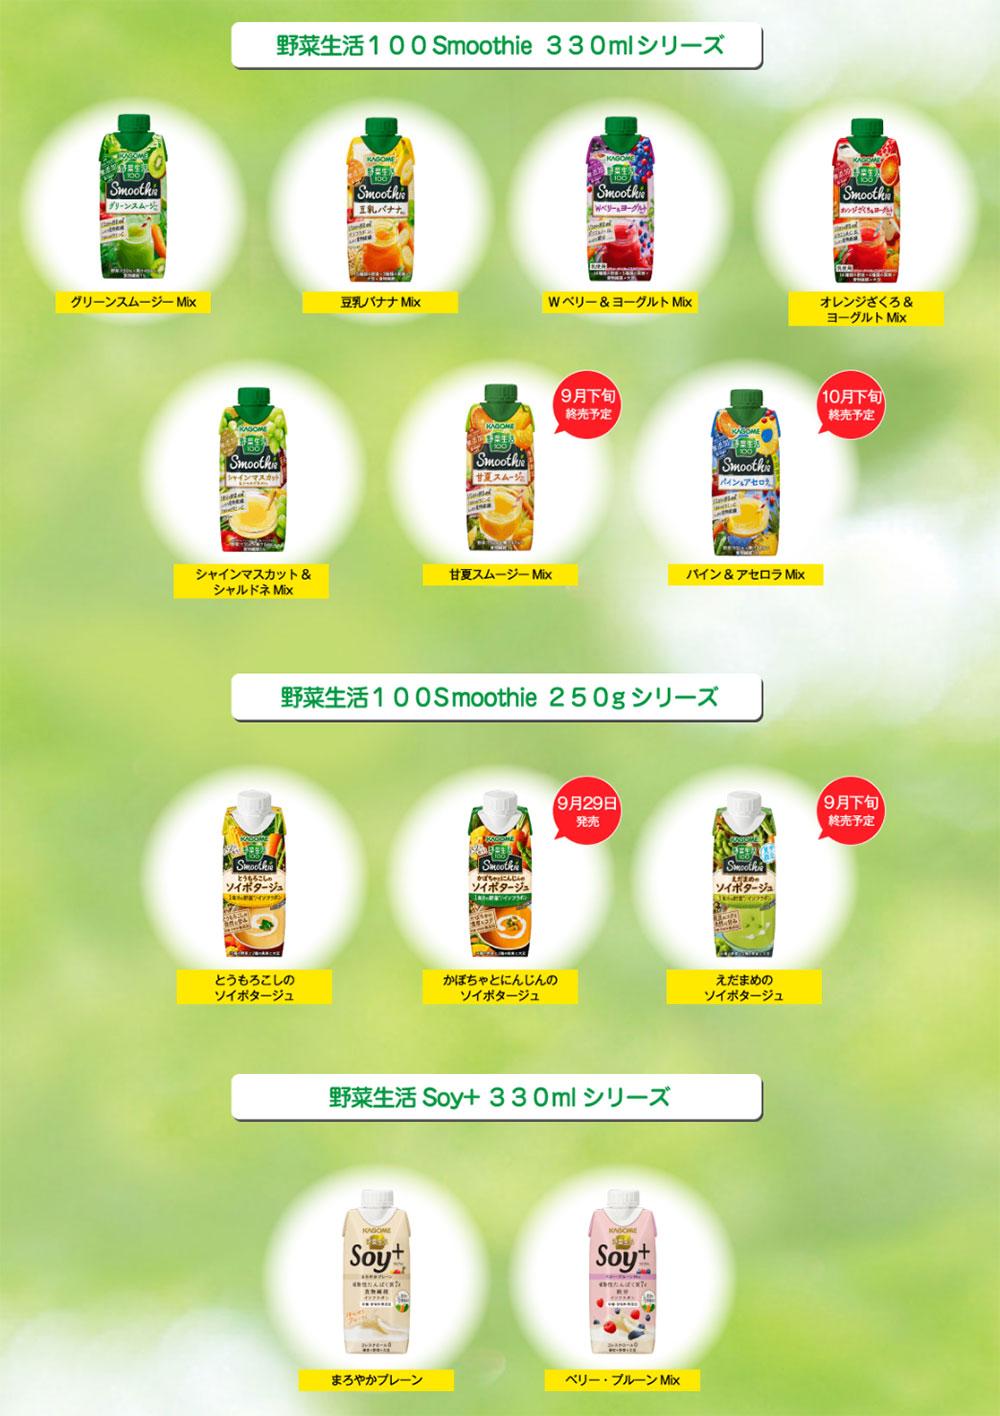 カゴメ 野菜生活100 懸賞キャンペーン2020秋 対象商品